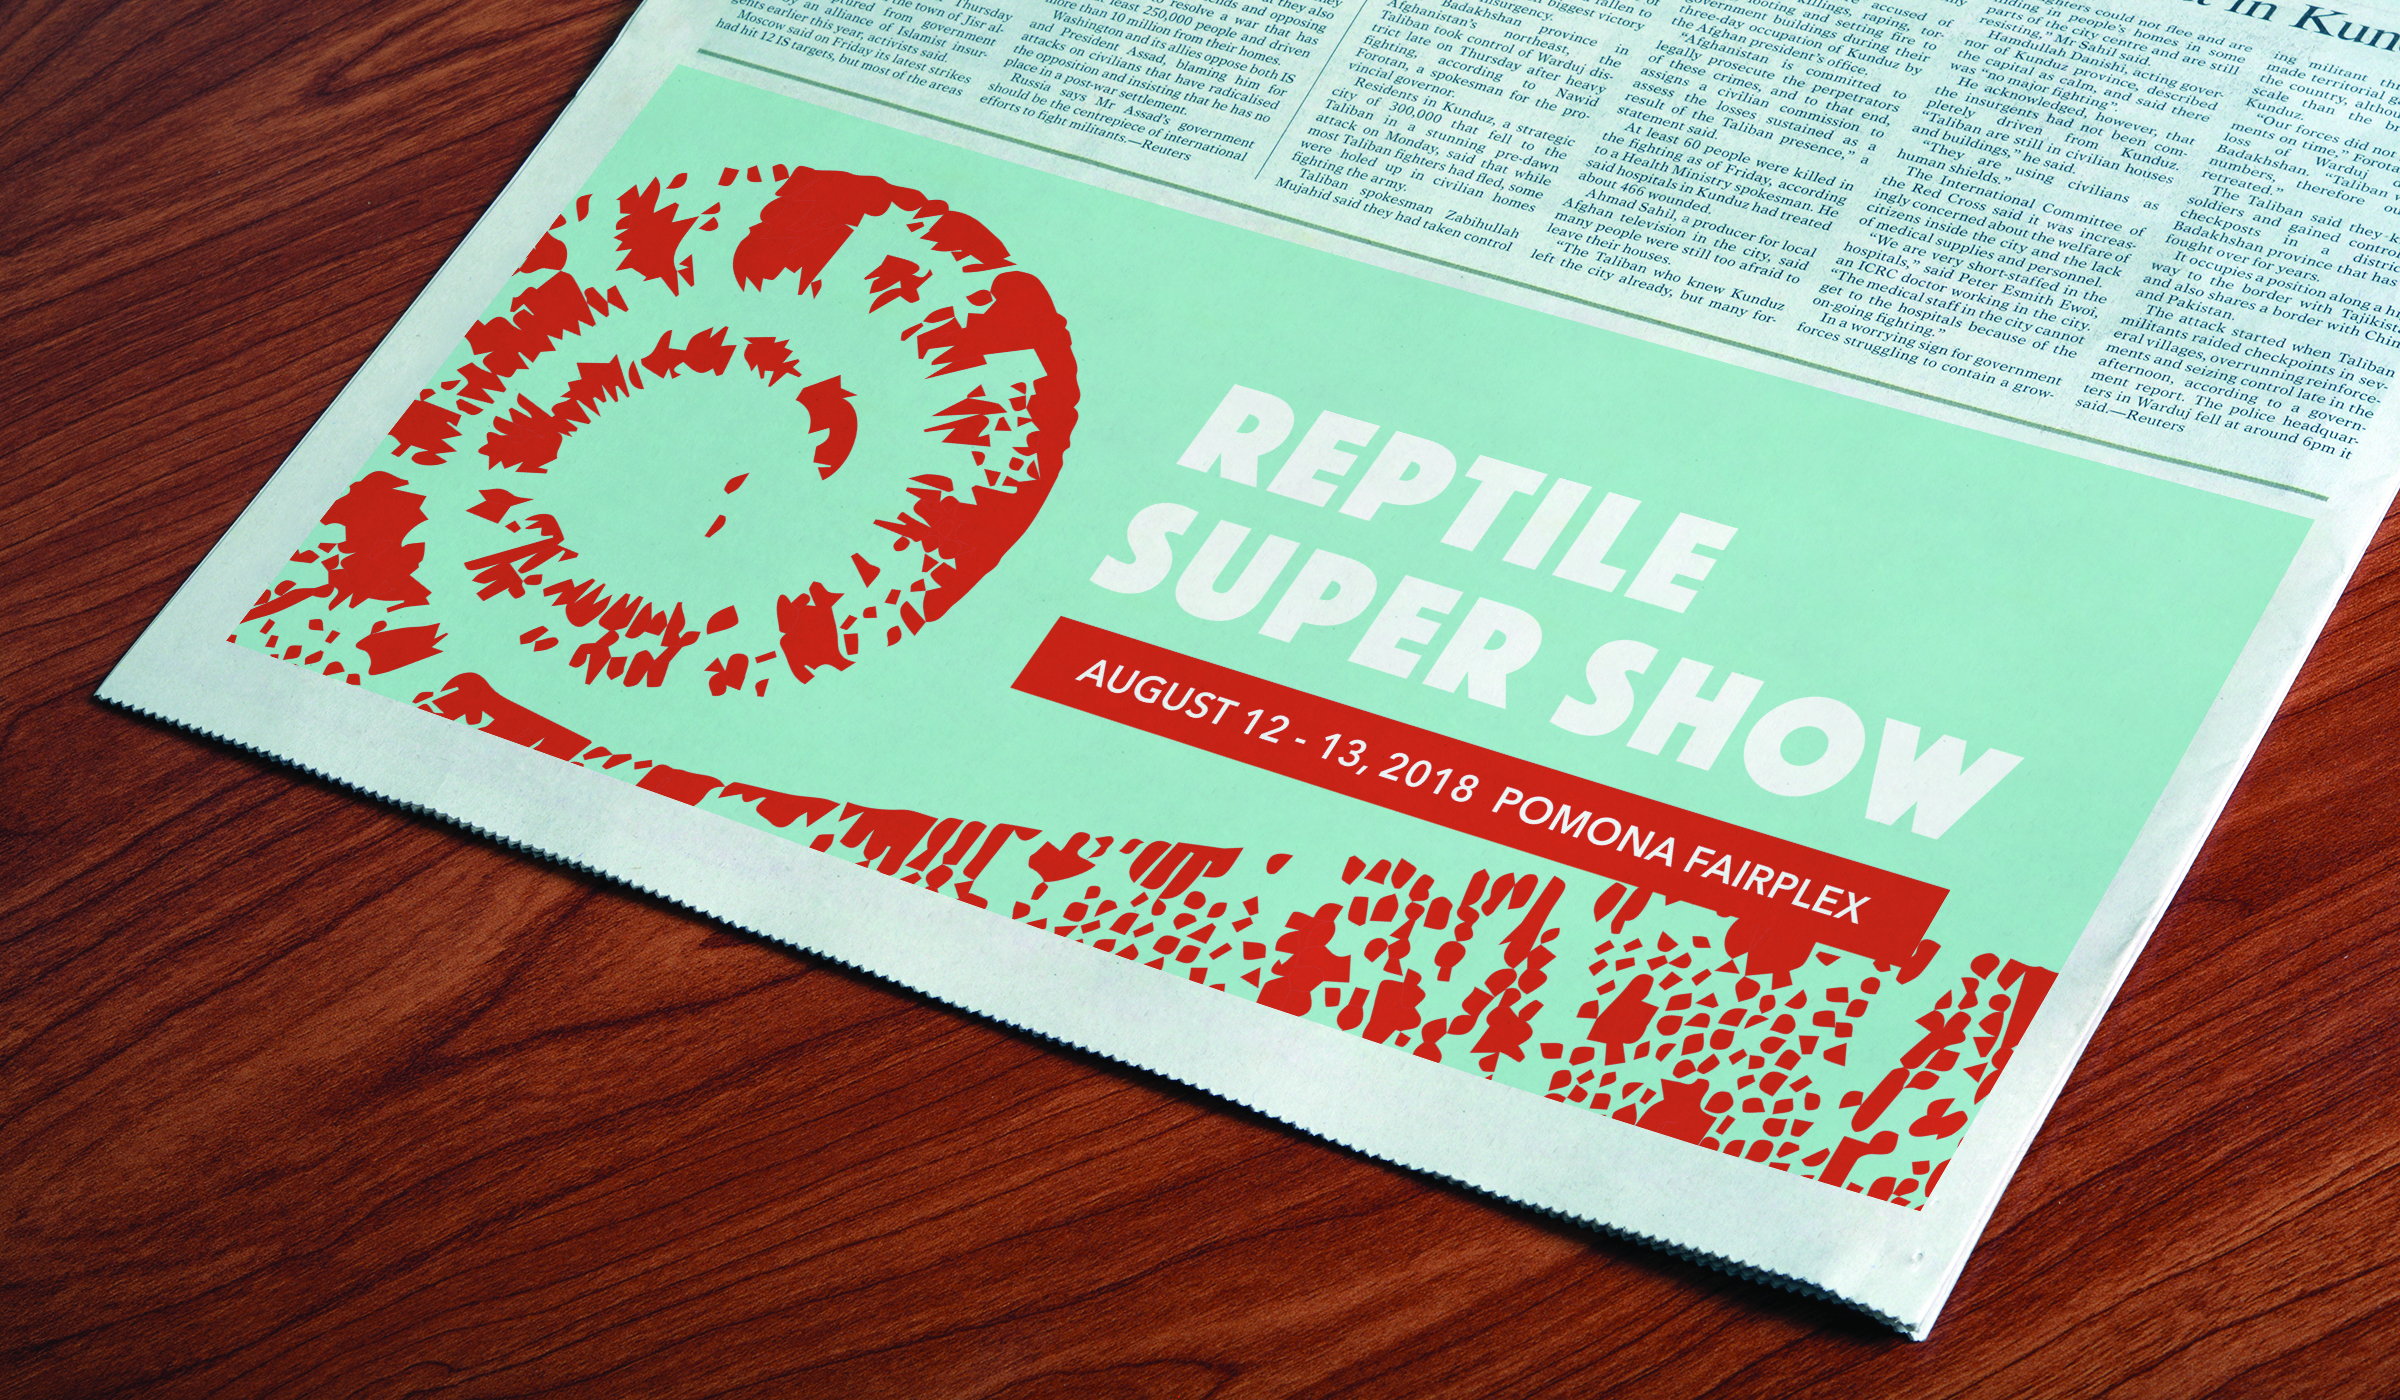 newspaperReptile.jpg